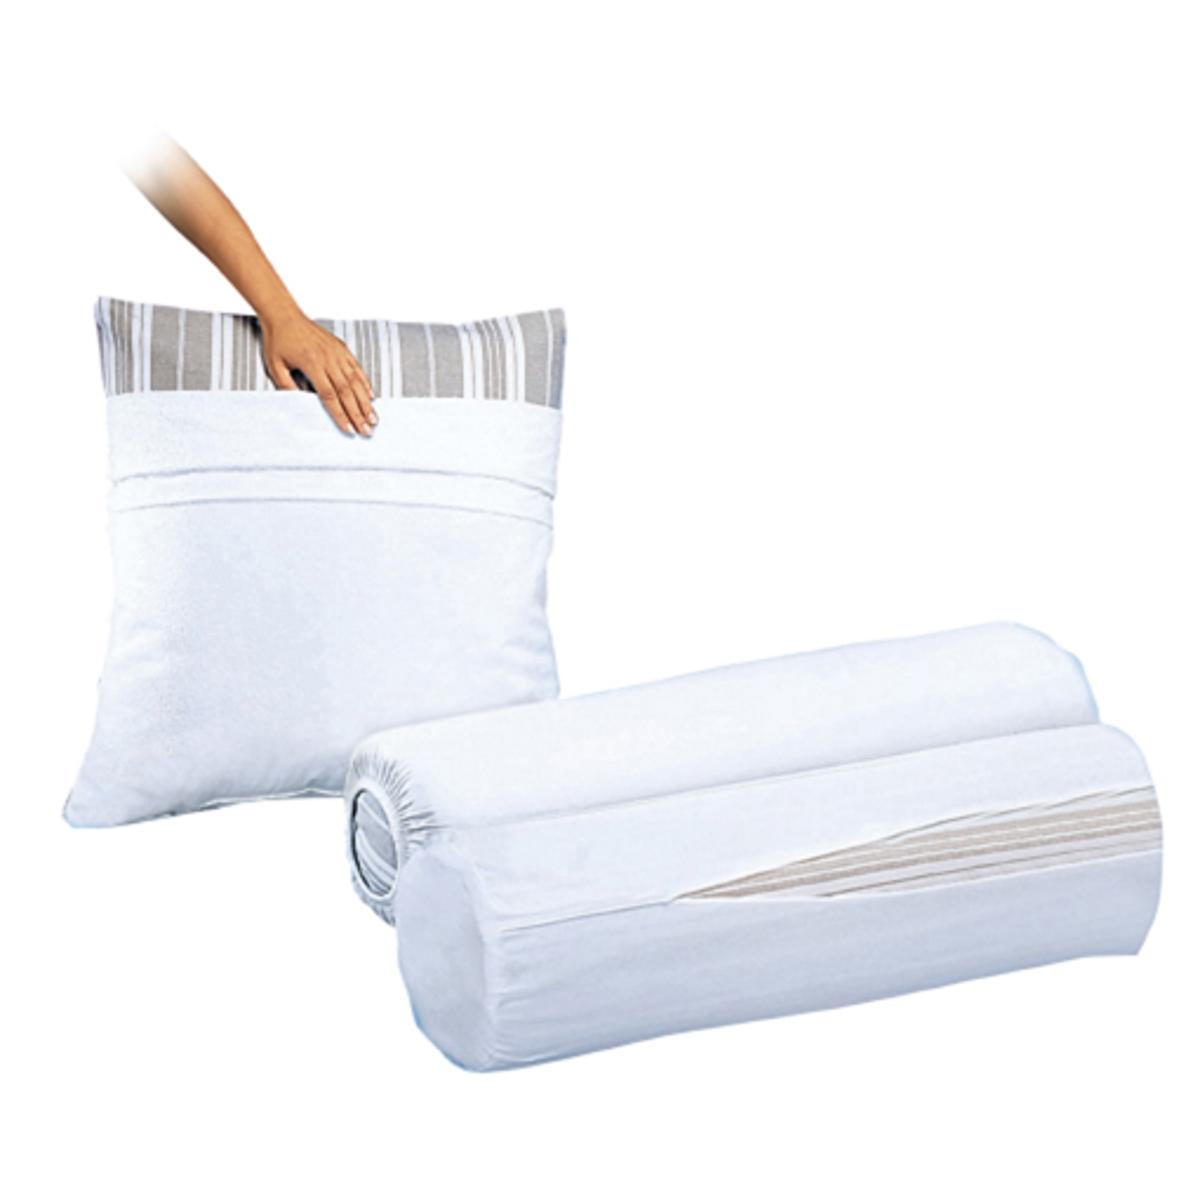 Комплект из 2 защитных чехлов на подушку-валик из джерси, 100% хлопокЗащитные чехлы на подушку-валик из джерси, 100% хлопок, идеальны для защиты Ваших подушек-валиков! Эластичные края. Машинная стирка при 95 °С. В комплекте 2 защитных чехла на подушку-валик.<br><br>Цвет: белый